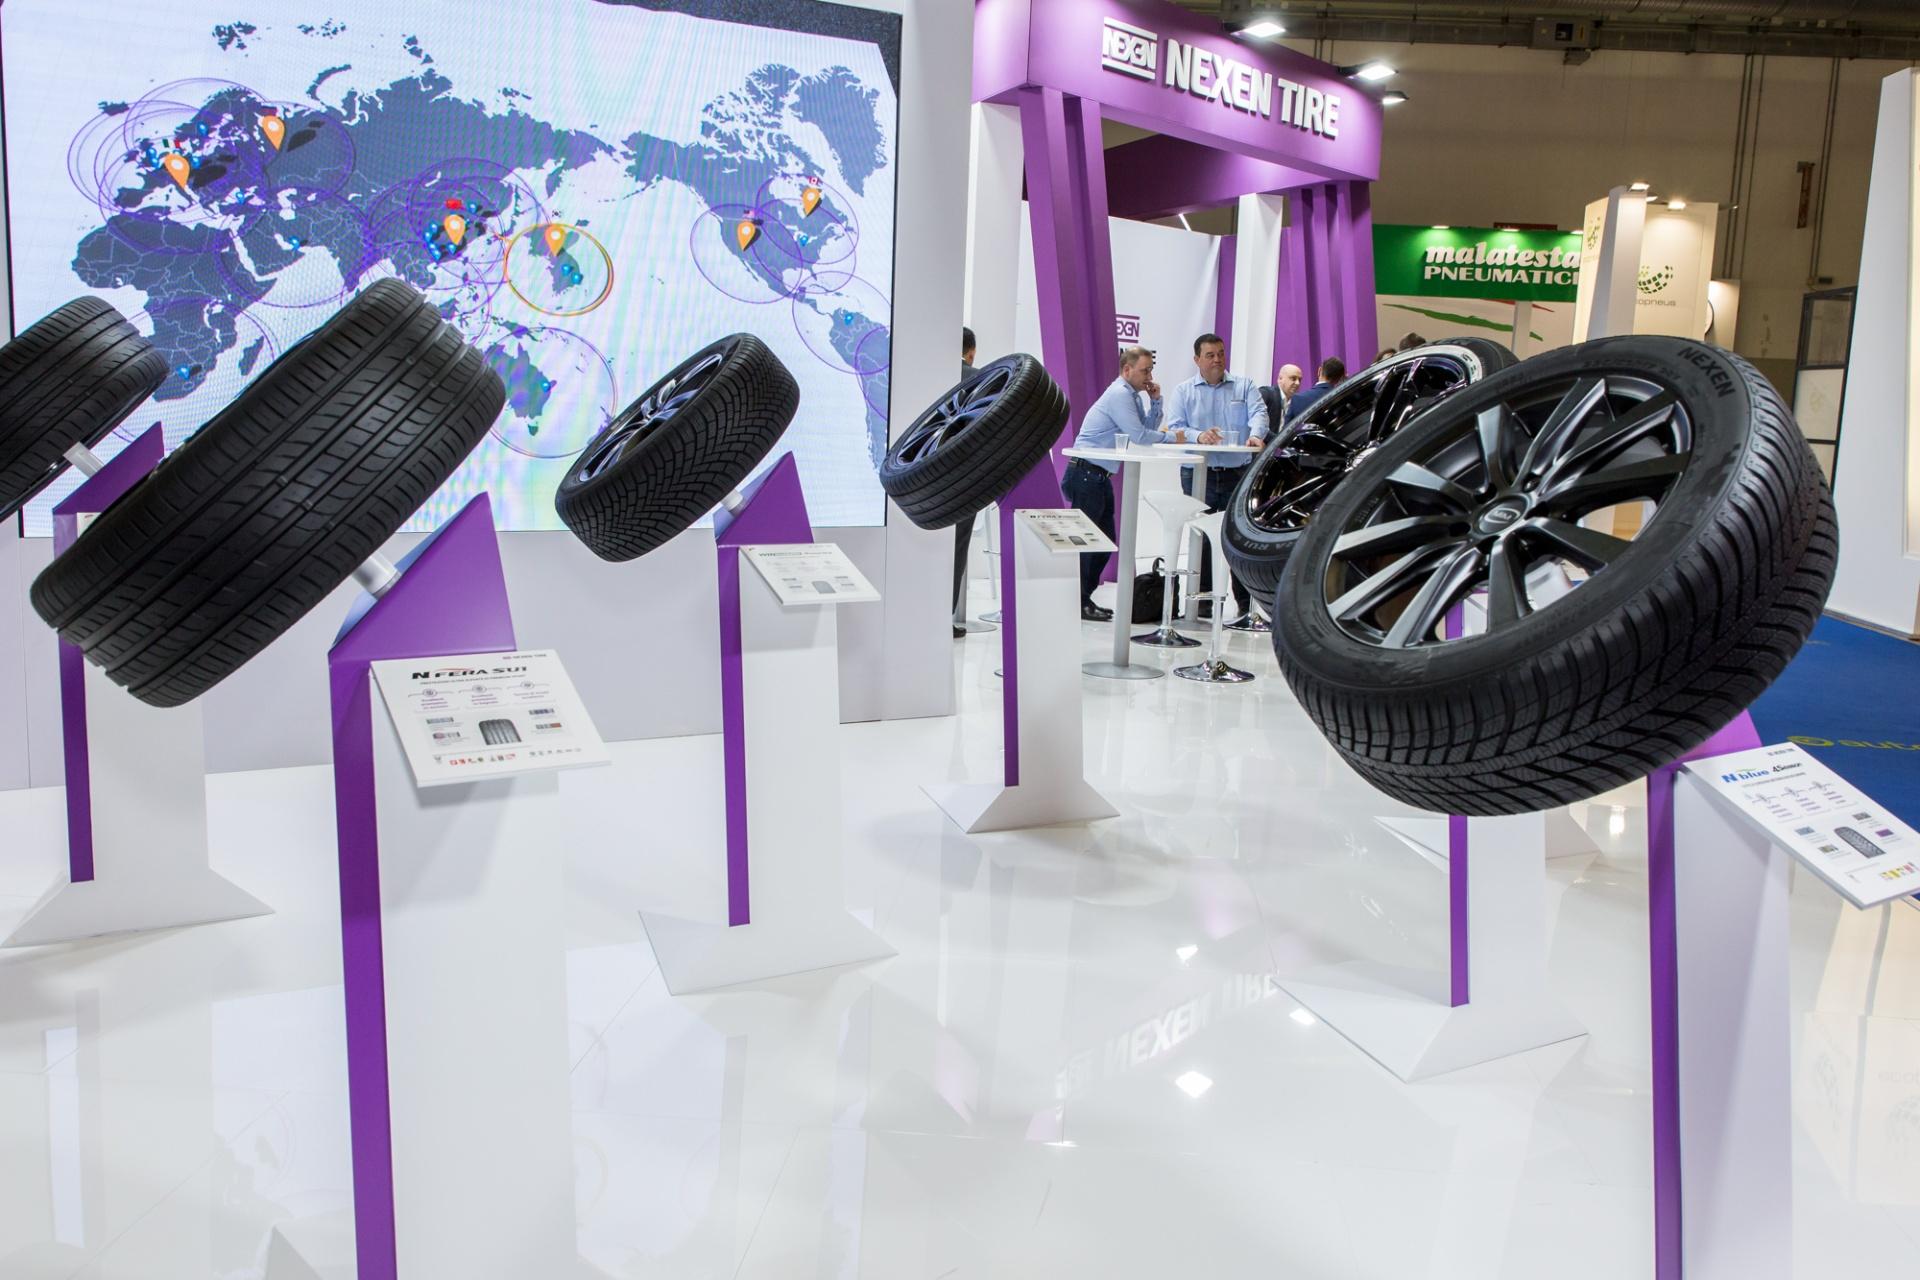 Nexen Tire - Autopromotec, Servizio Fotografico Aziendale | Reportage Evento Aziendale | Servizio Fotografico alla Nexen Tire realizzato presso la Fiera di Bologna durante la Fiera Internazionale Autopromotec